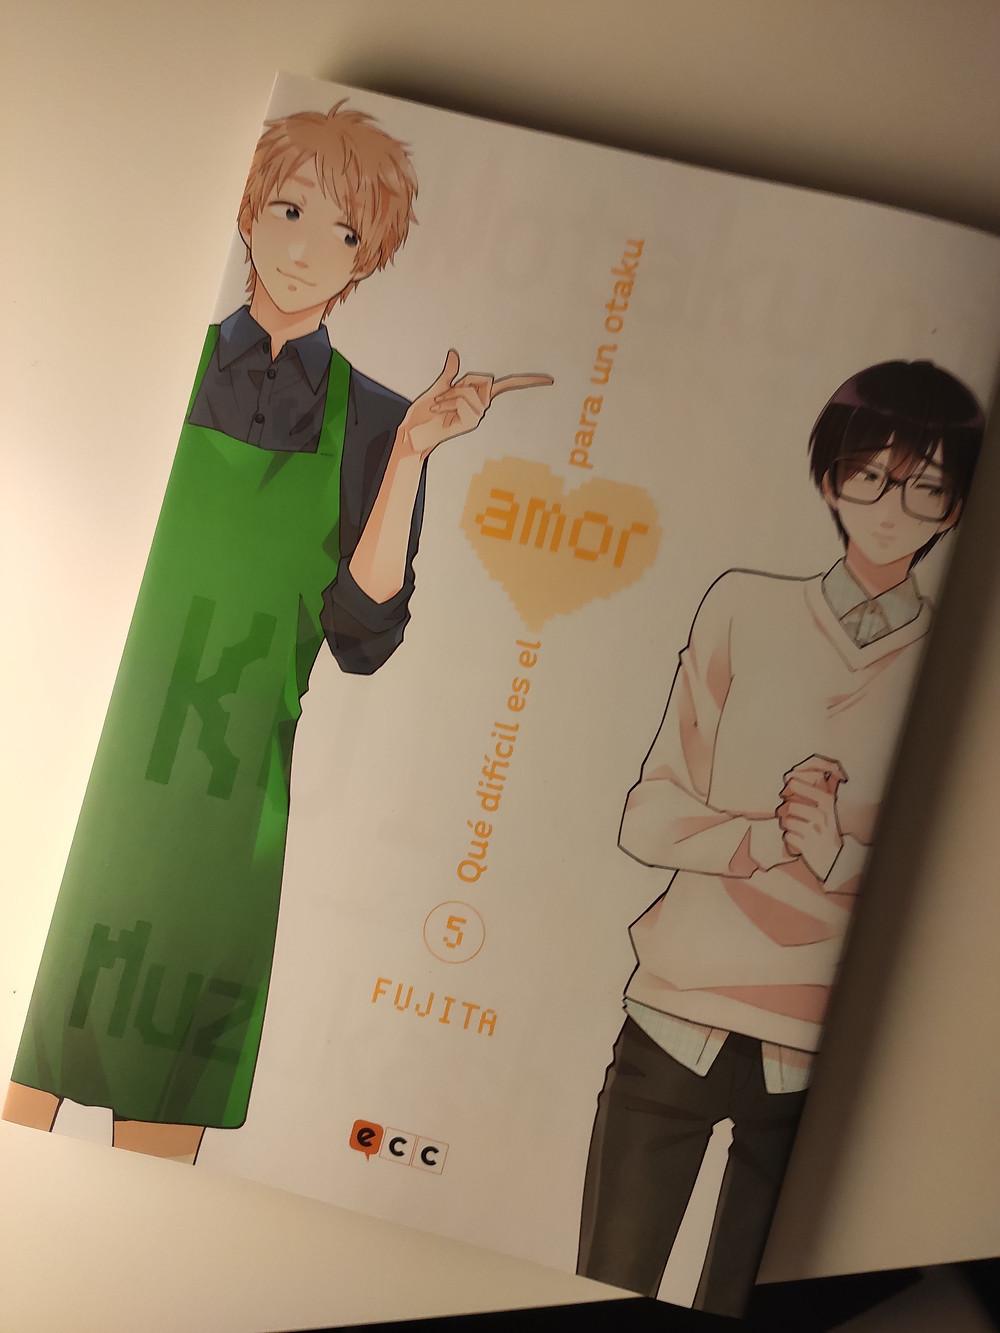 Qué difícil es el amor para un otaku tomo 5 (Ed. ECC)